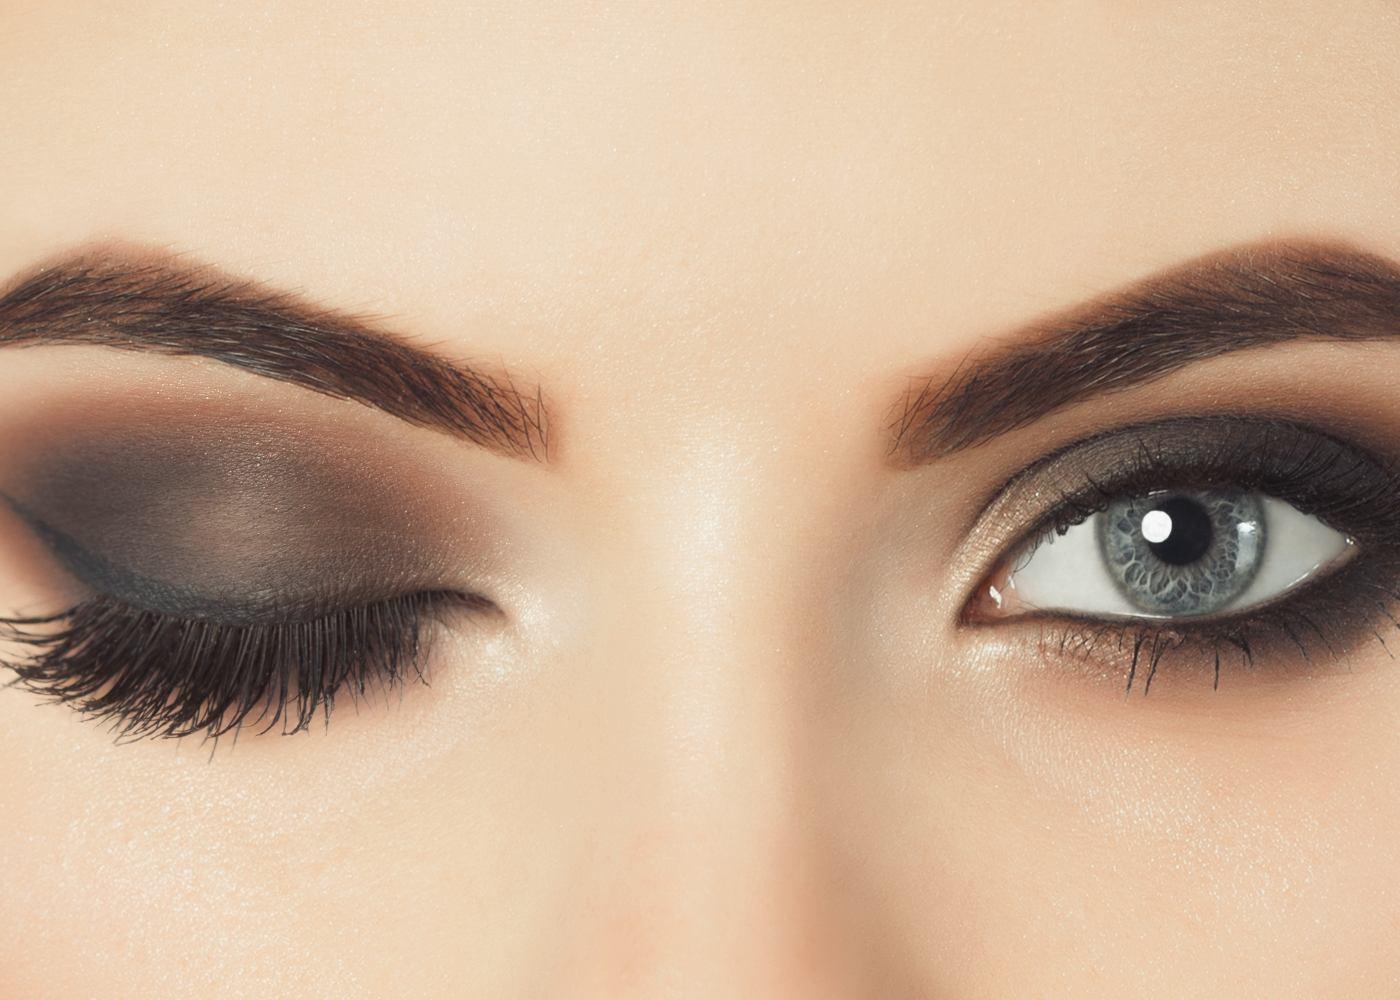 Olhos de mulher com maquilhagem